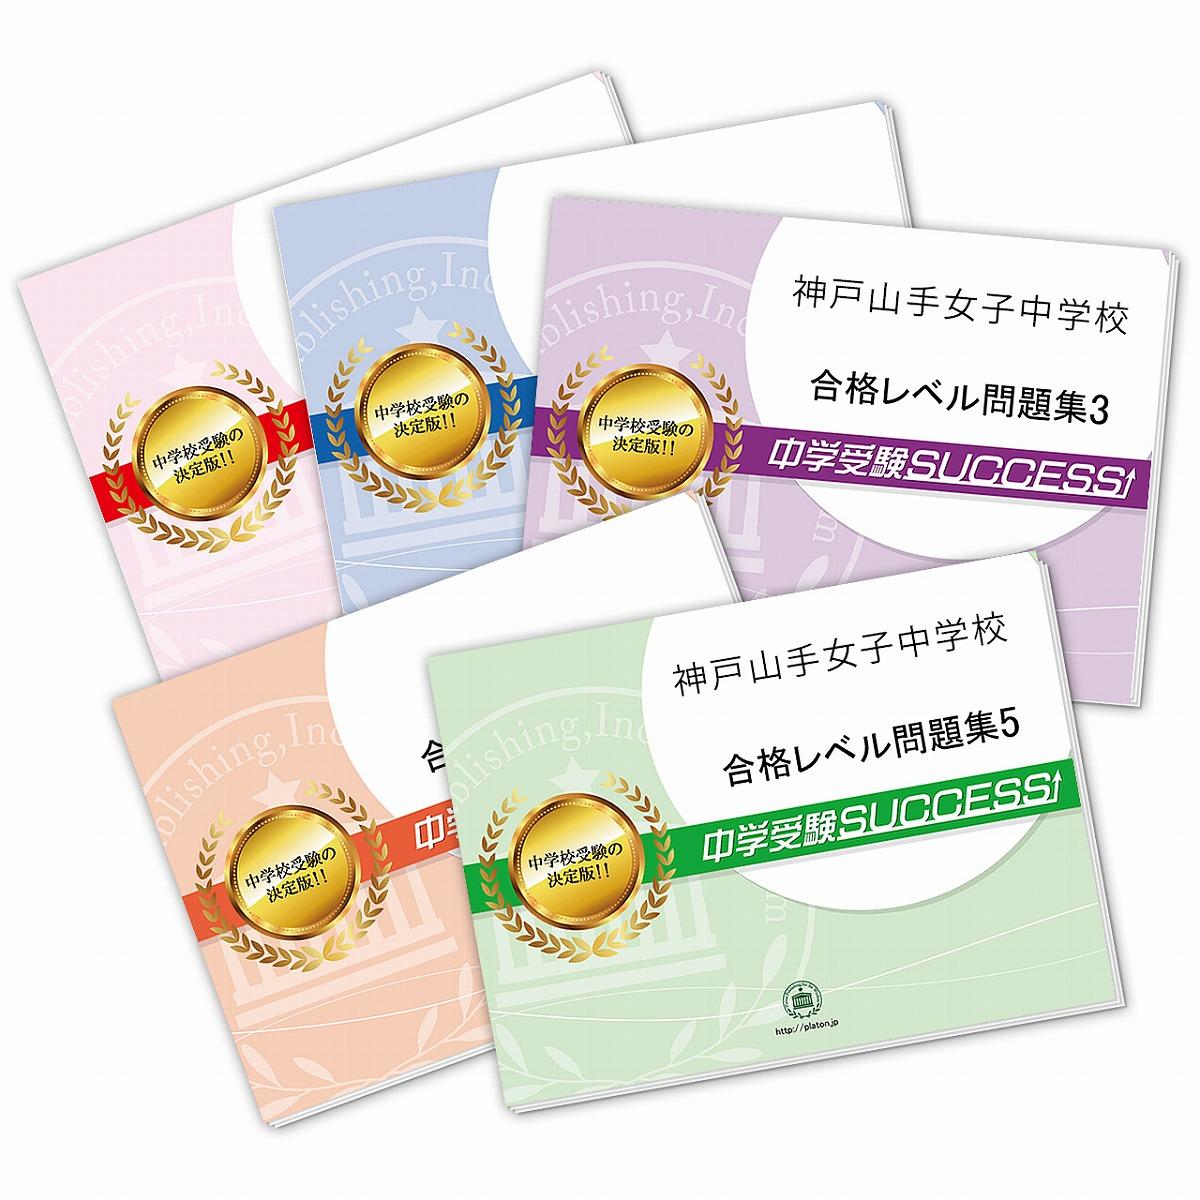 【送料・代引手数料無料】神戸山手女子中学校・直前対策合格セット(5冊)